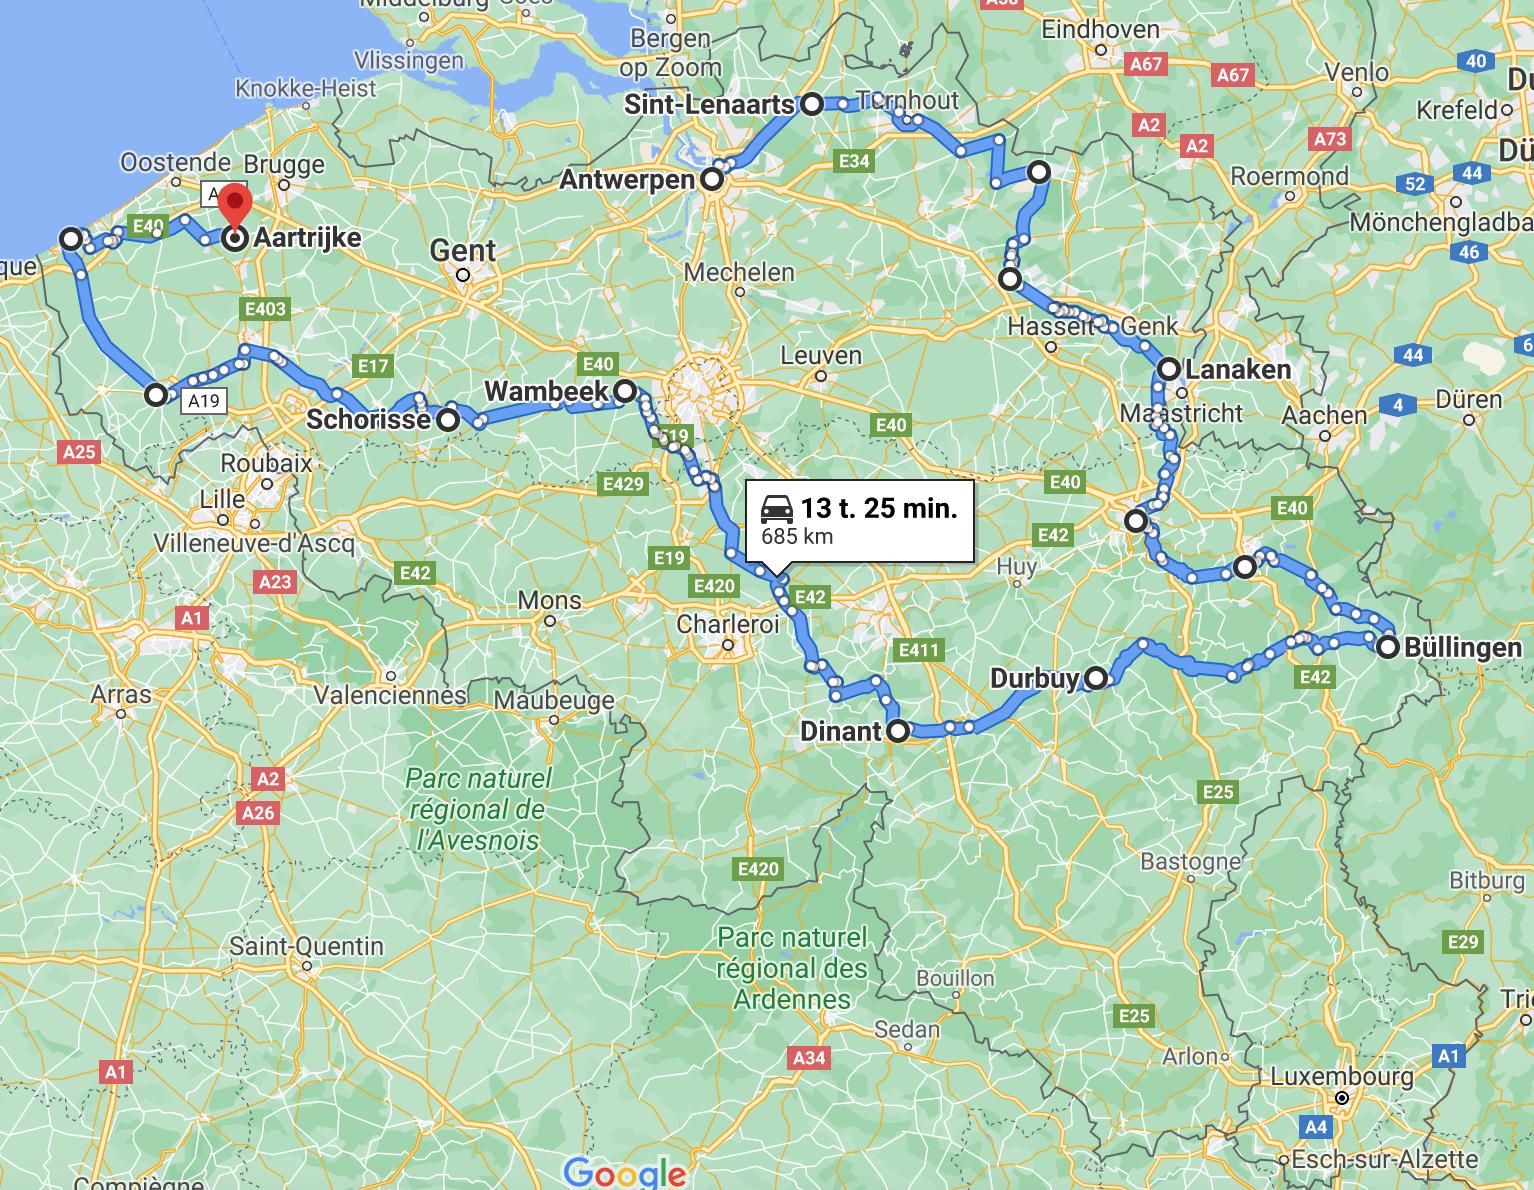 Road trip Belgium route